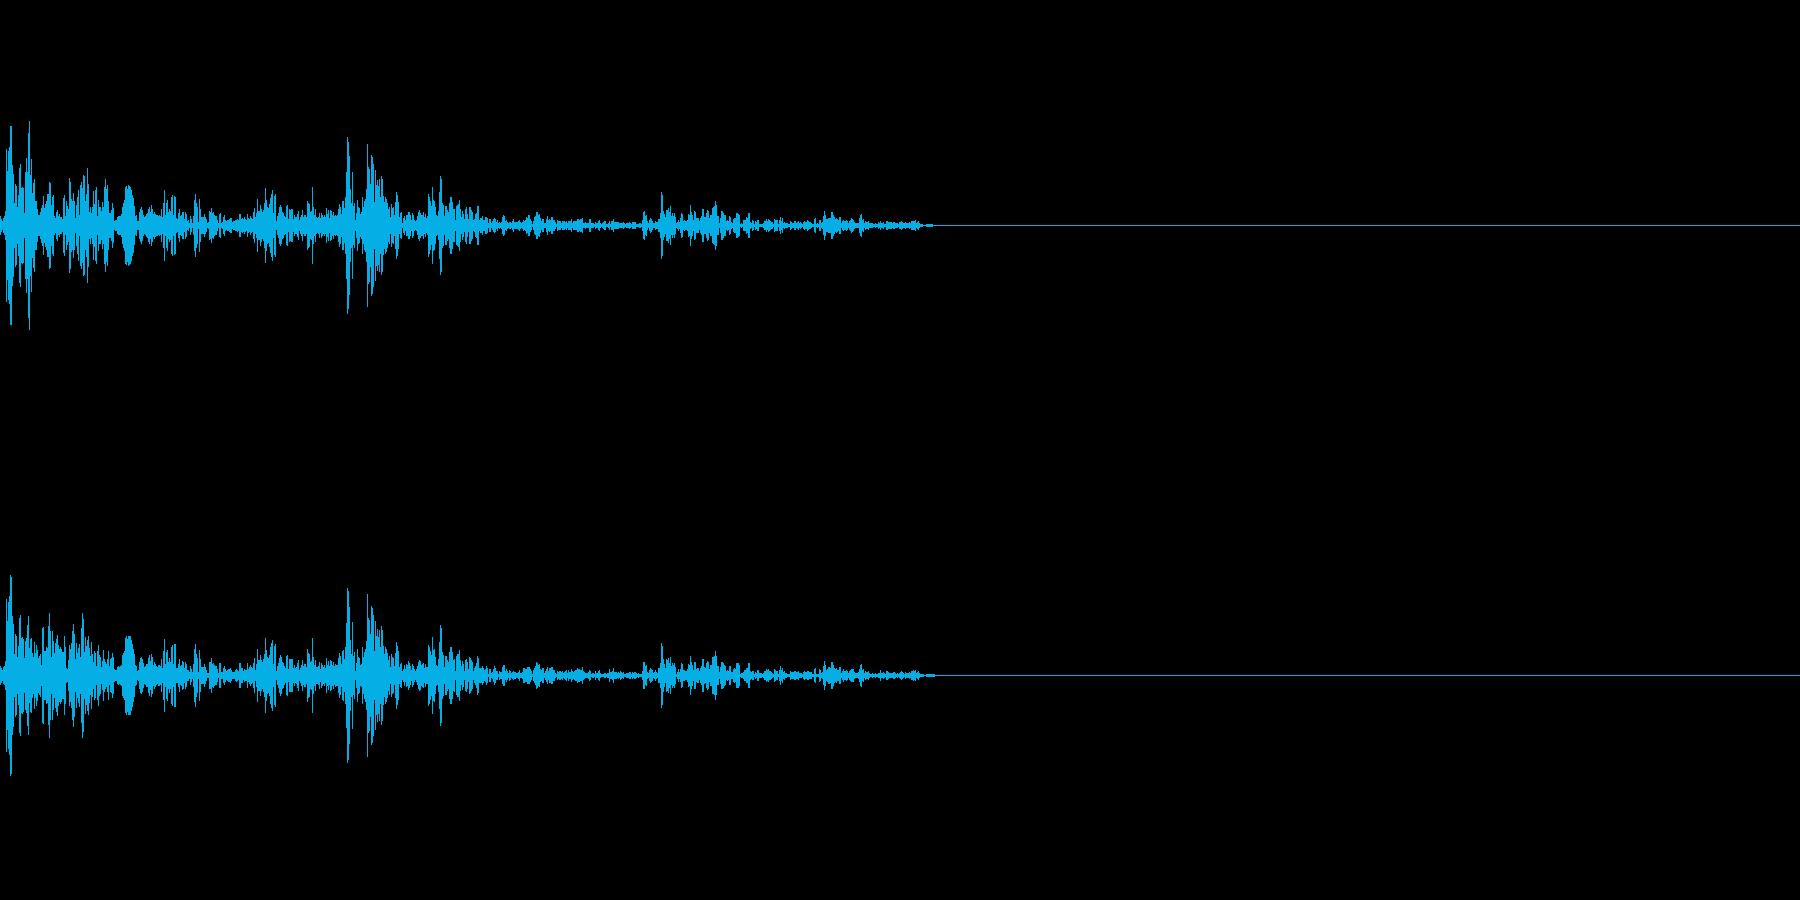 ガブッ(かみつく音)の再生済みの波形